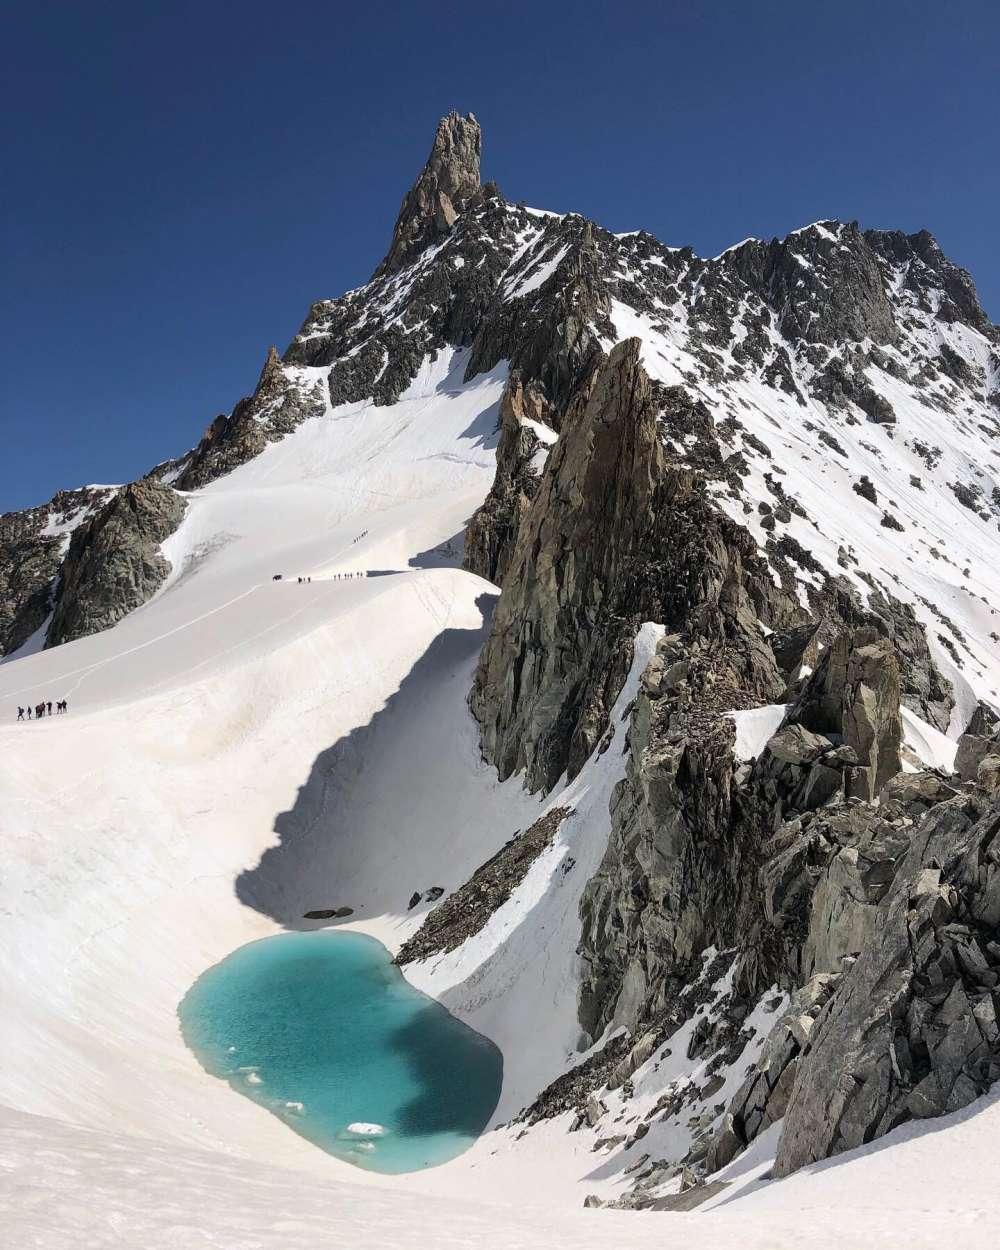 Un excursionista encontró este hermoso lago en los Alpes. Solo hay un pequeño problema